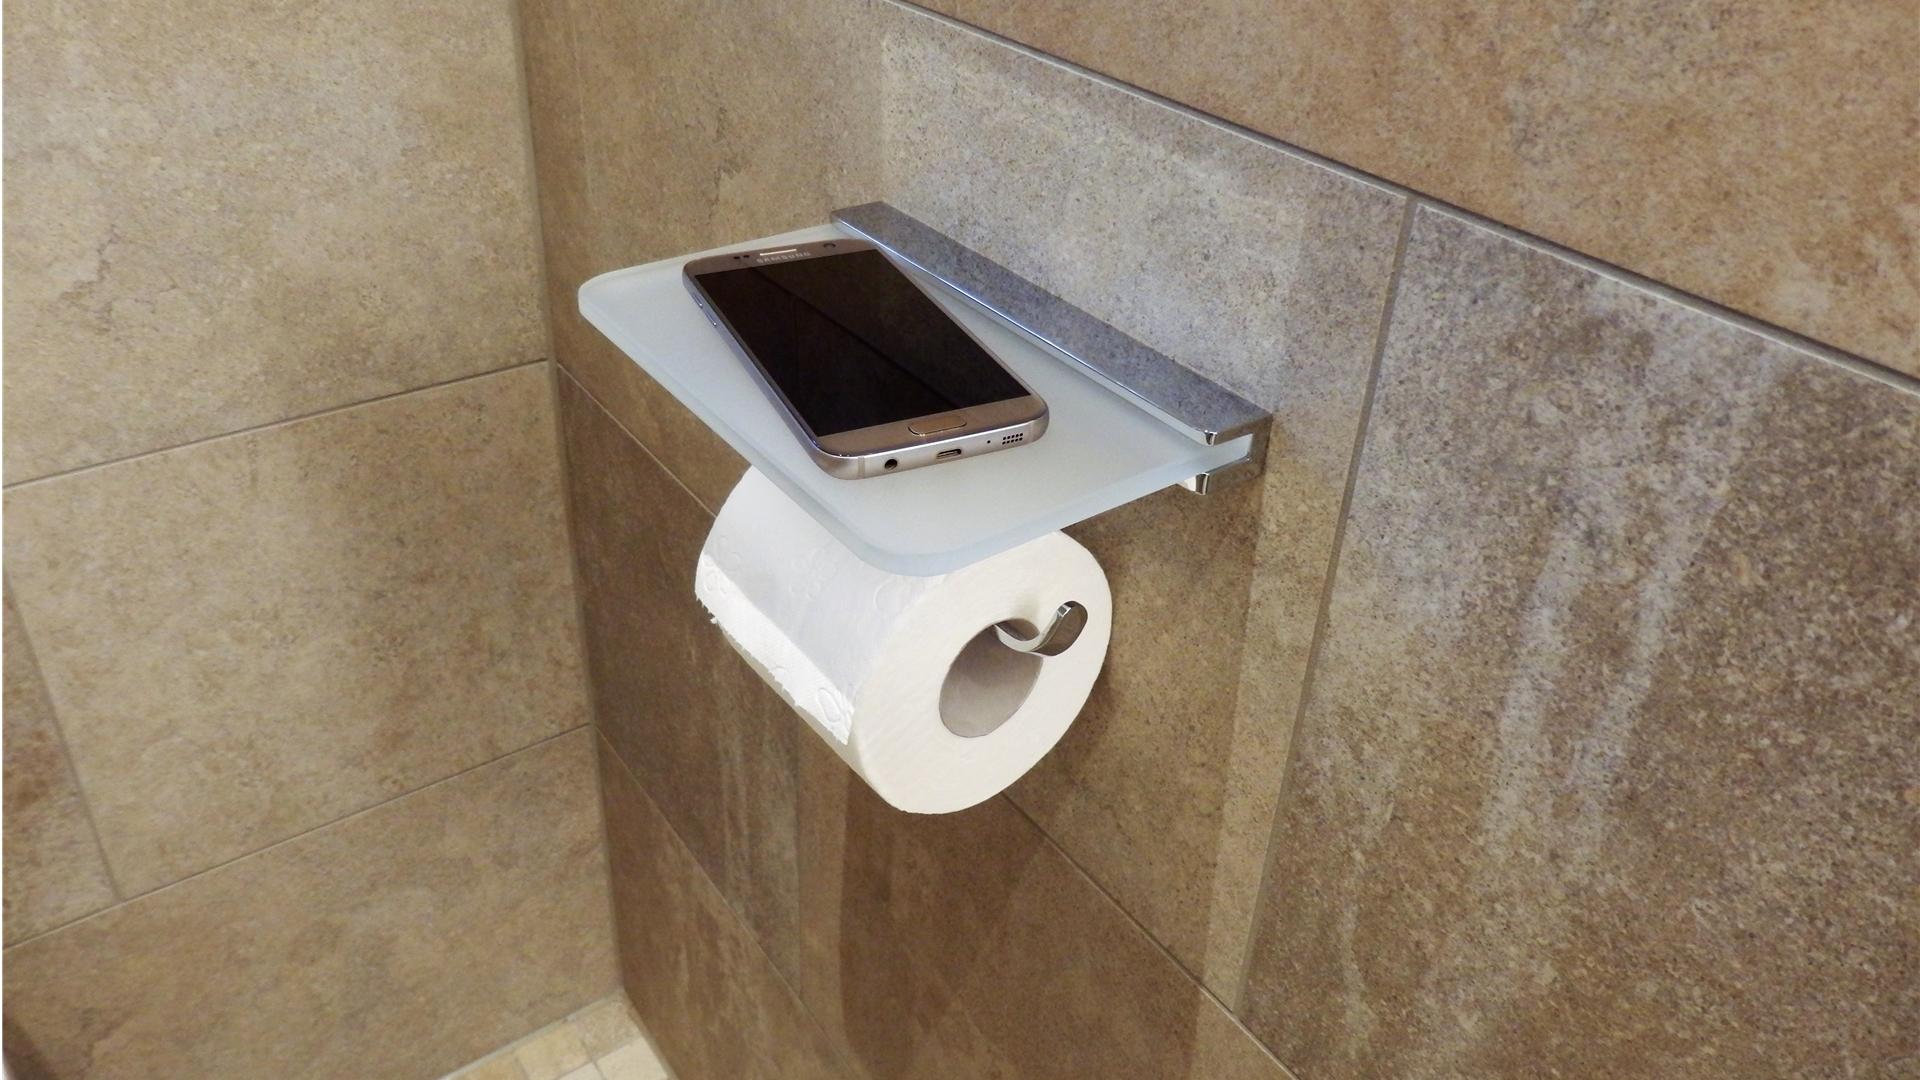 Toilettenpapierhalter mit Ablagefunktion hier ein Handy